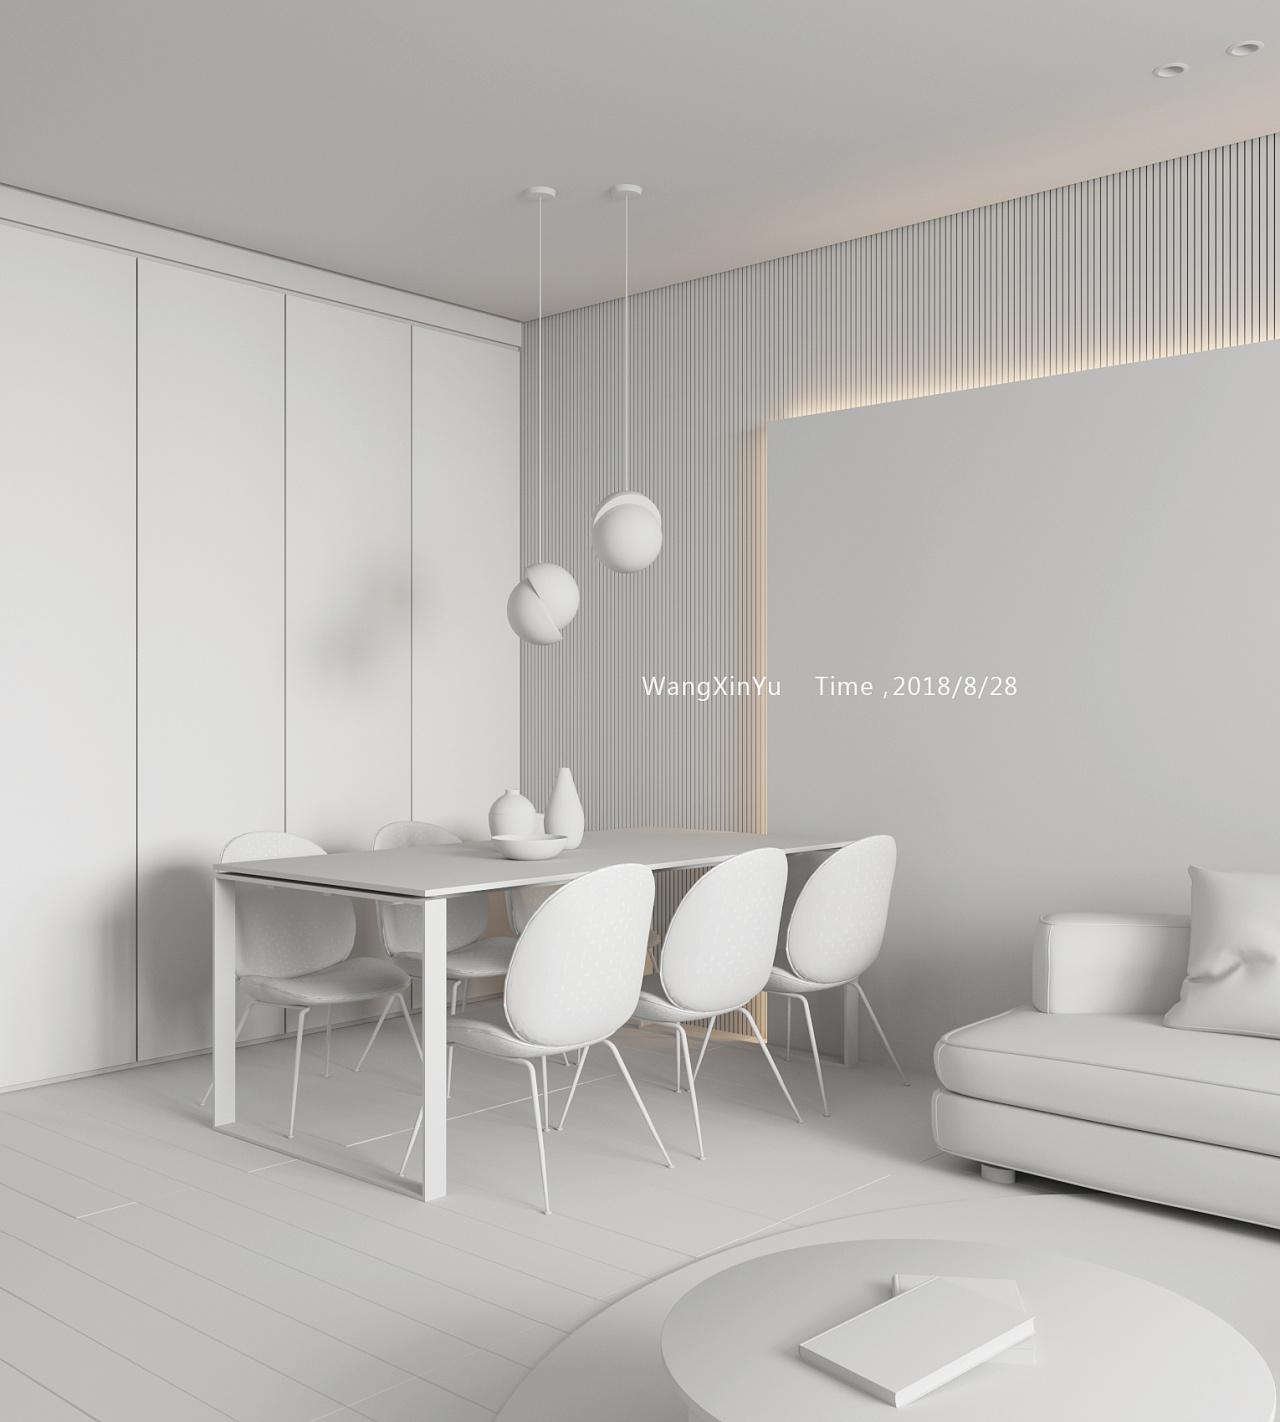 CR渲染|空间|室内设计|王鑫宇s-原创作品-站和风物语布局设计图图片